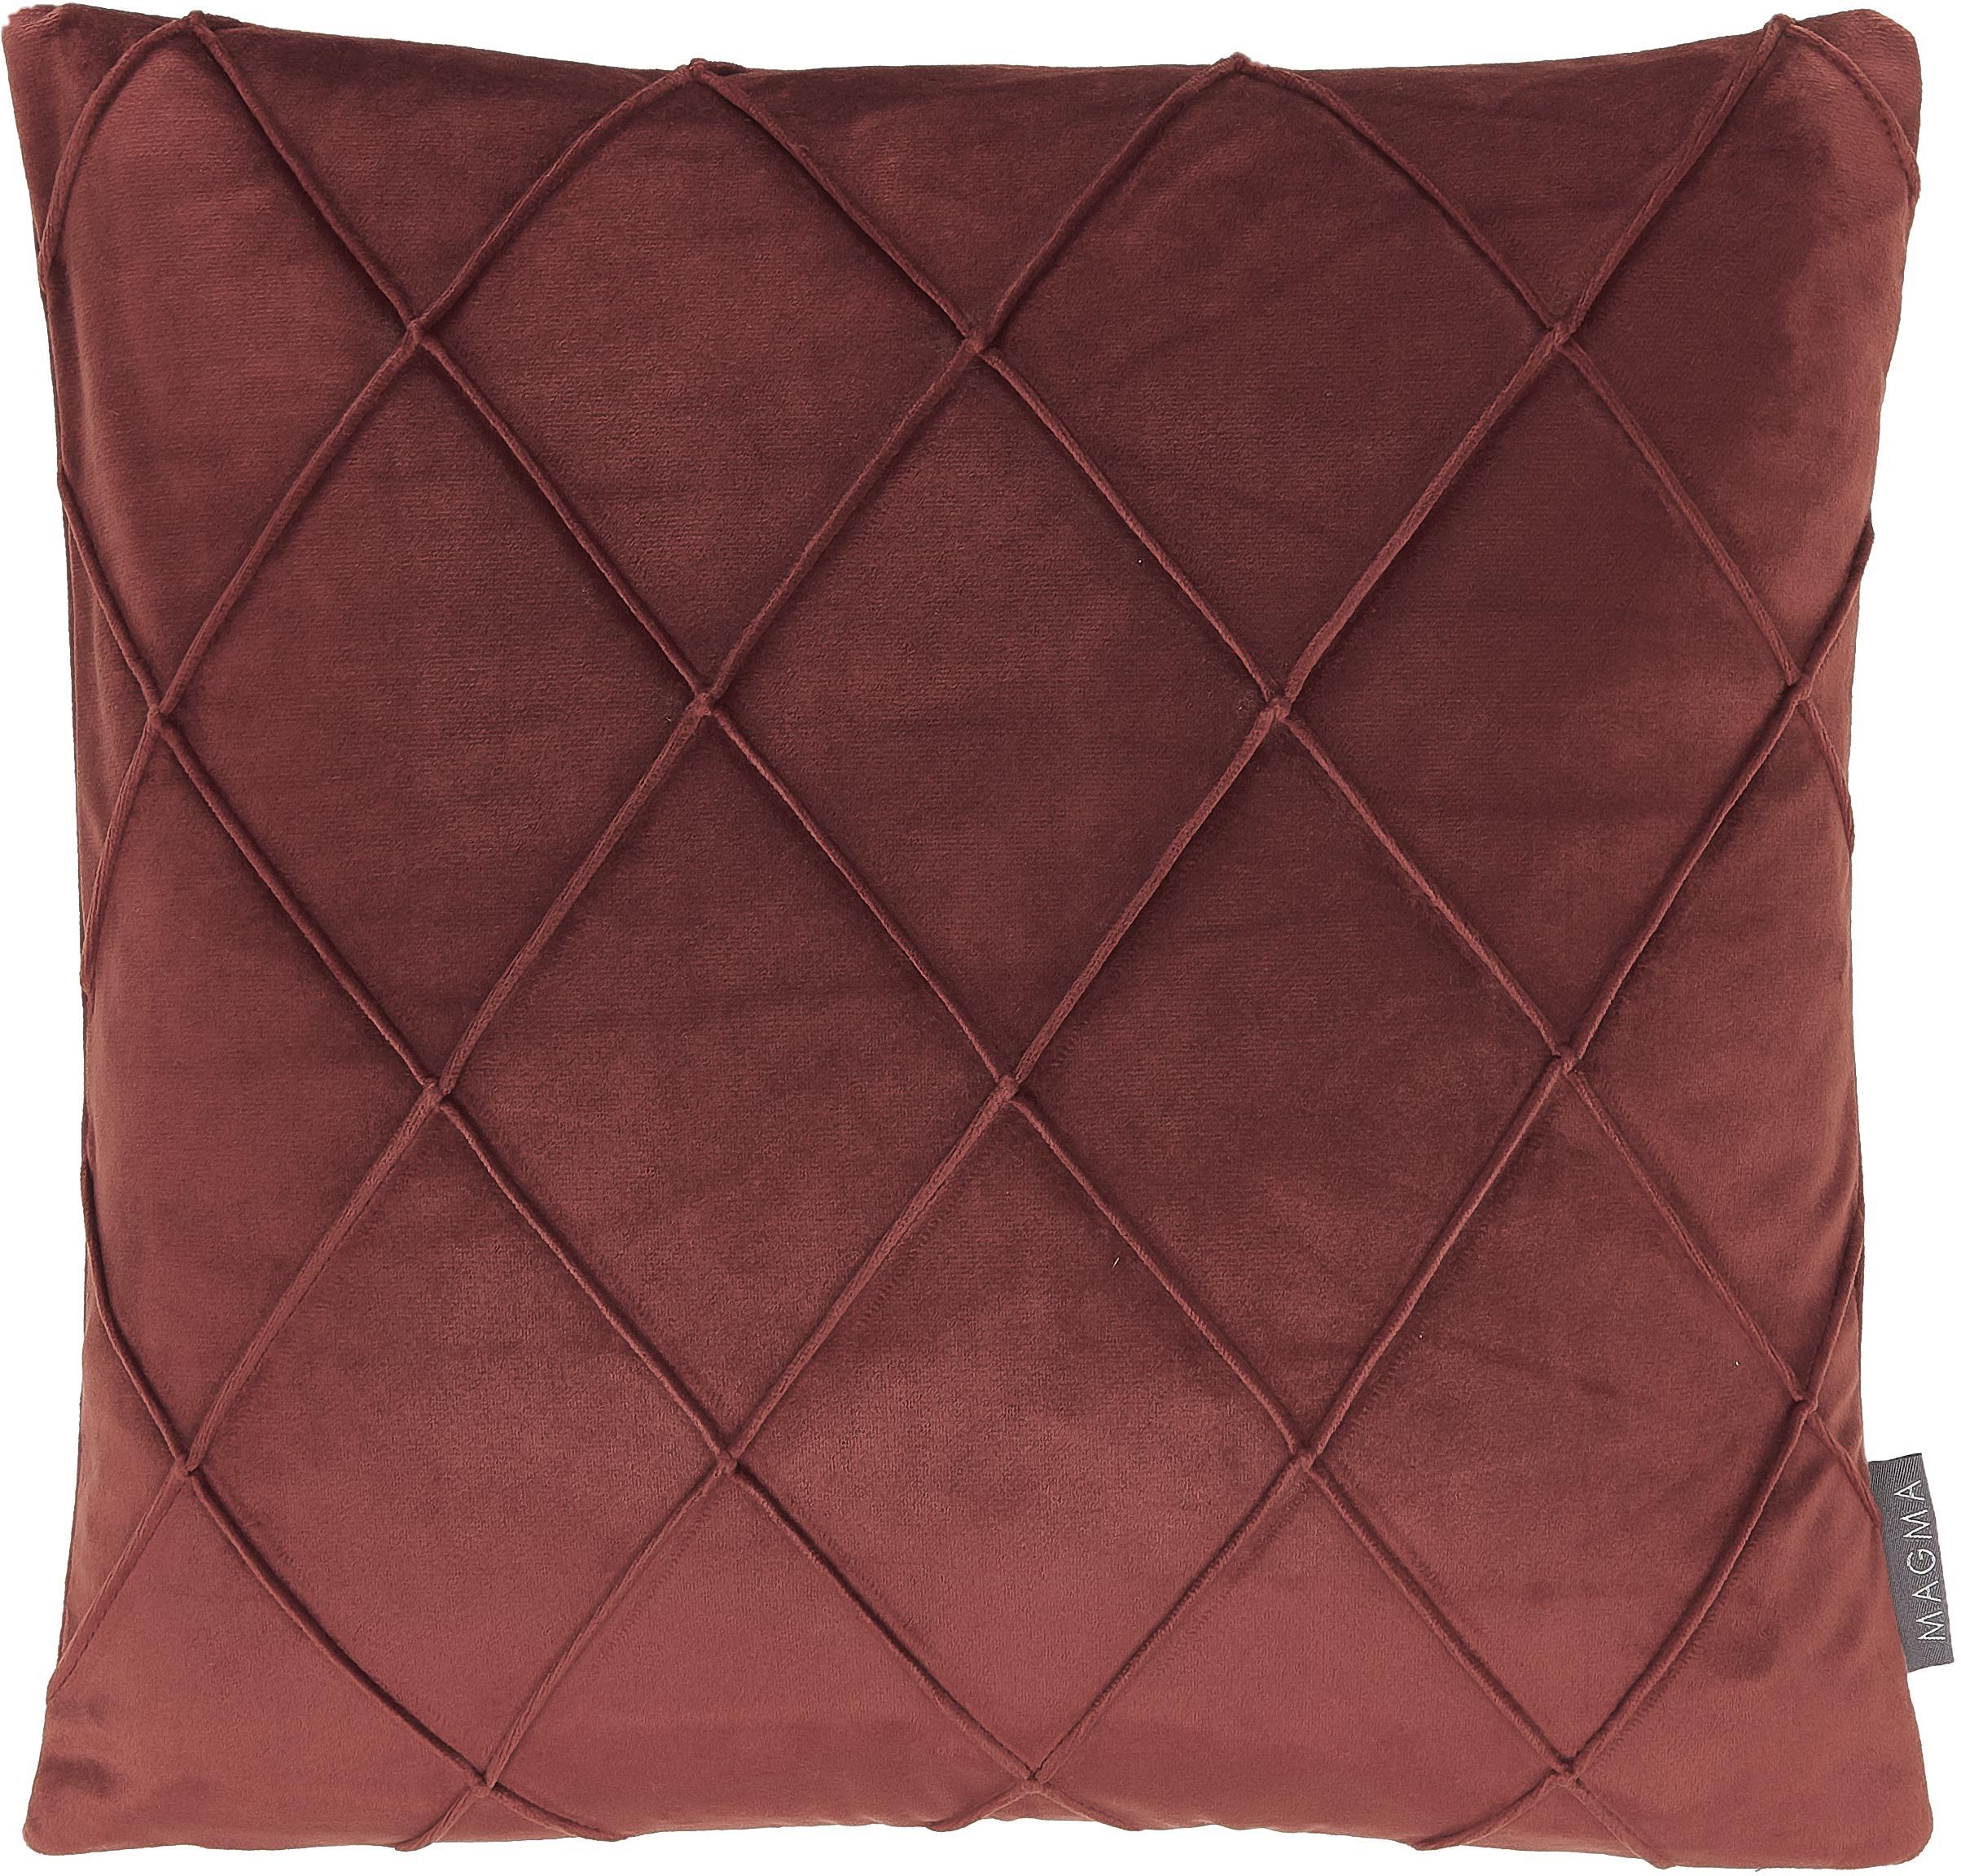 Federa arredo in velluto con motivo a rombi Nobless, Velluto di poliestere, Rosso terracotta, Larg. 40 x Lung. 40 cm